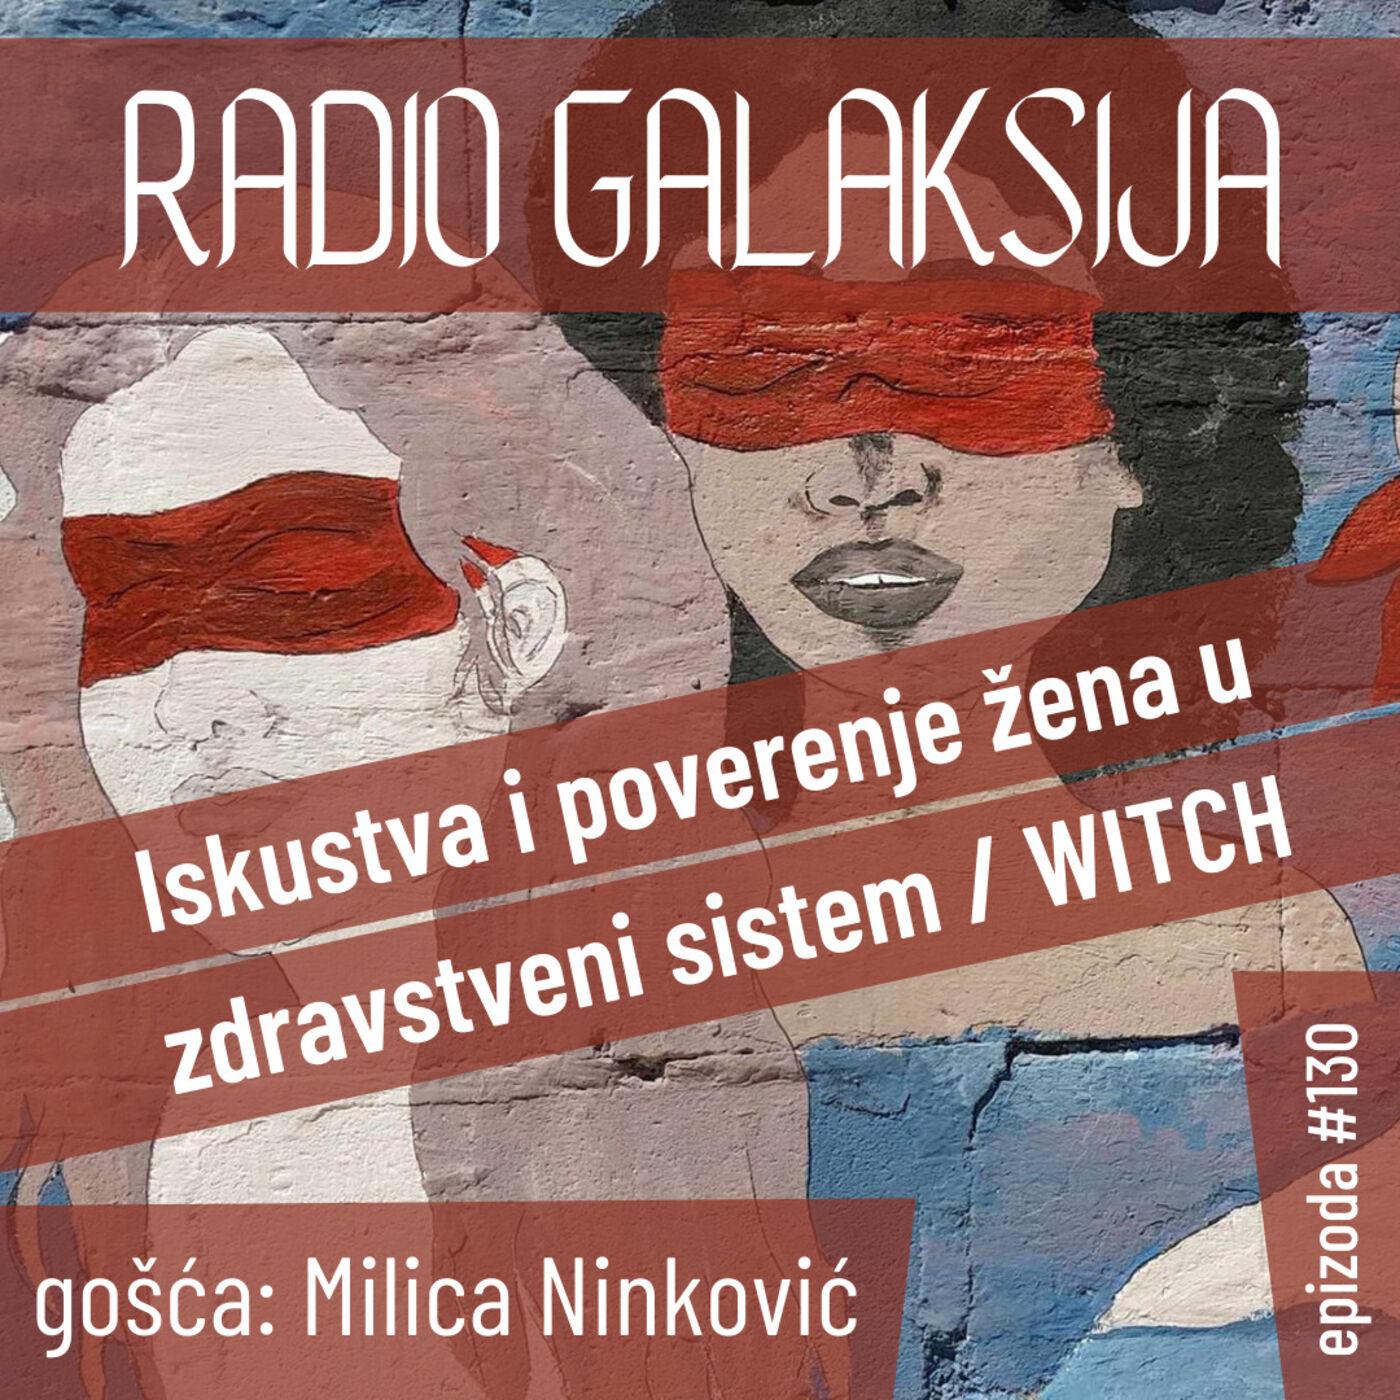 Radio Galaksija #130: Iskustvo i poverenje žena u zdravstveni sistem, WITCH projekat (gošća: Milica Ninković) [15-06-2021]